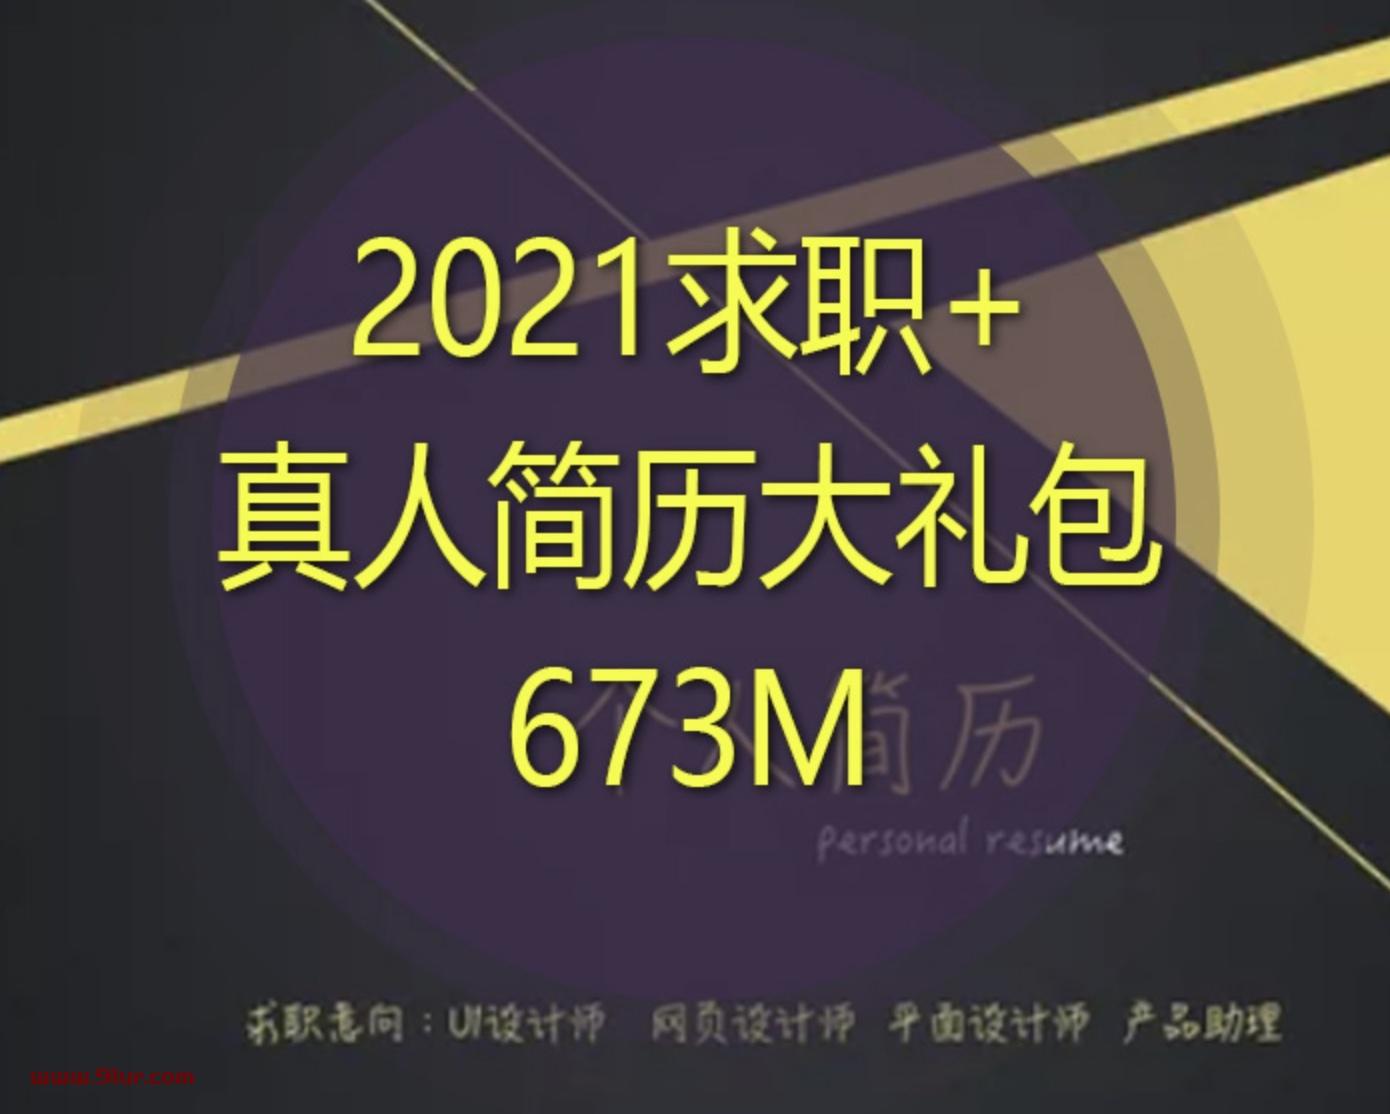 2021求职简历模板#2021求职简历#真人简历大礼包(PDF/Word文档)